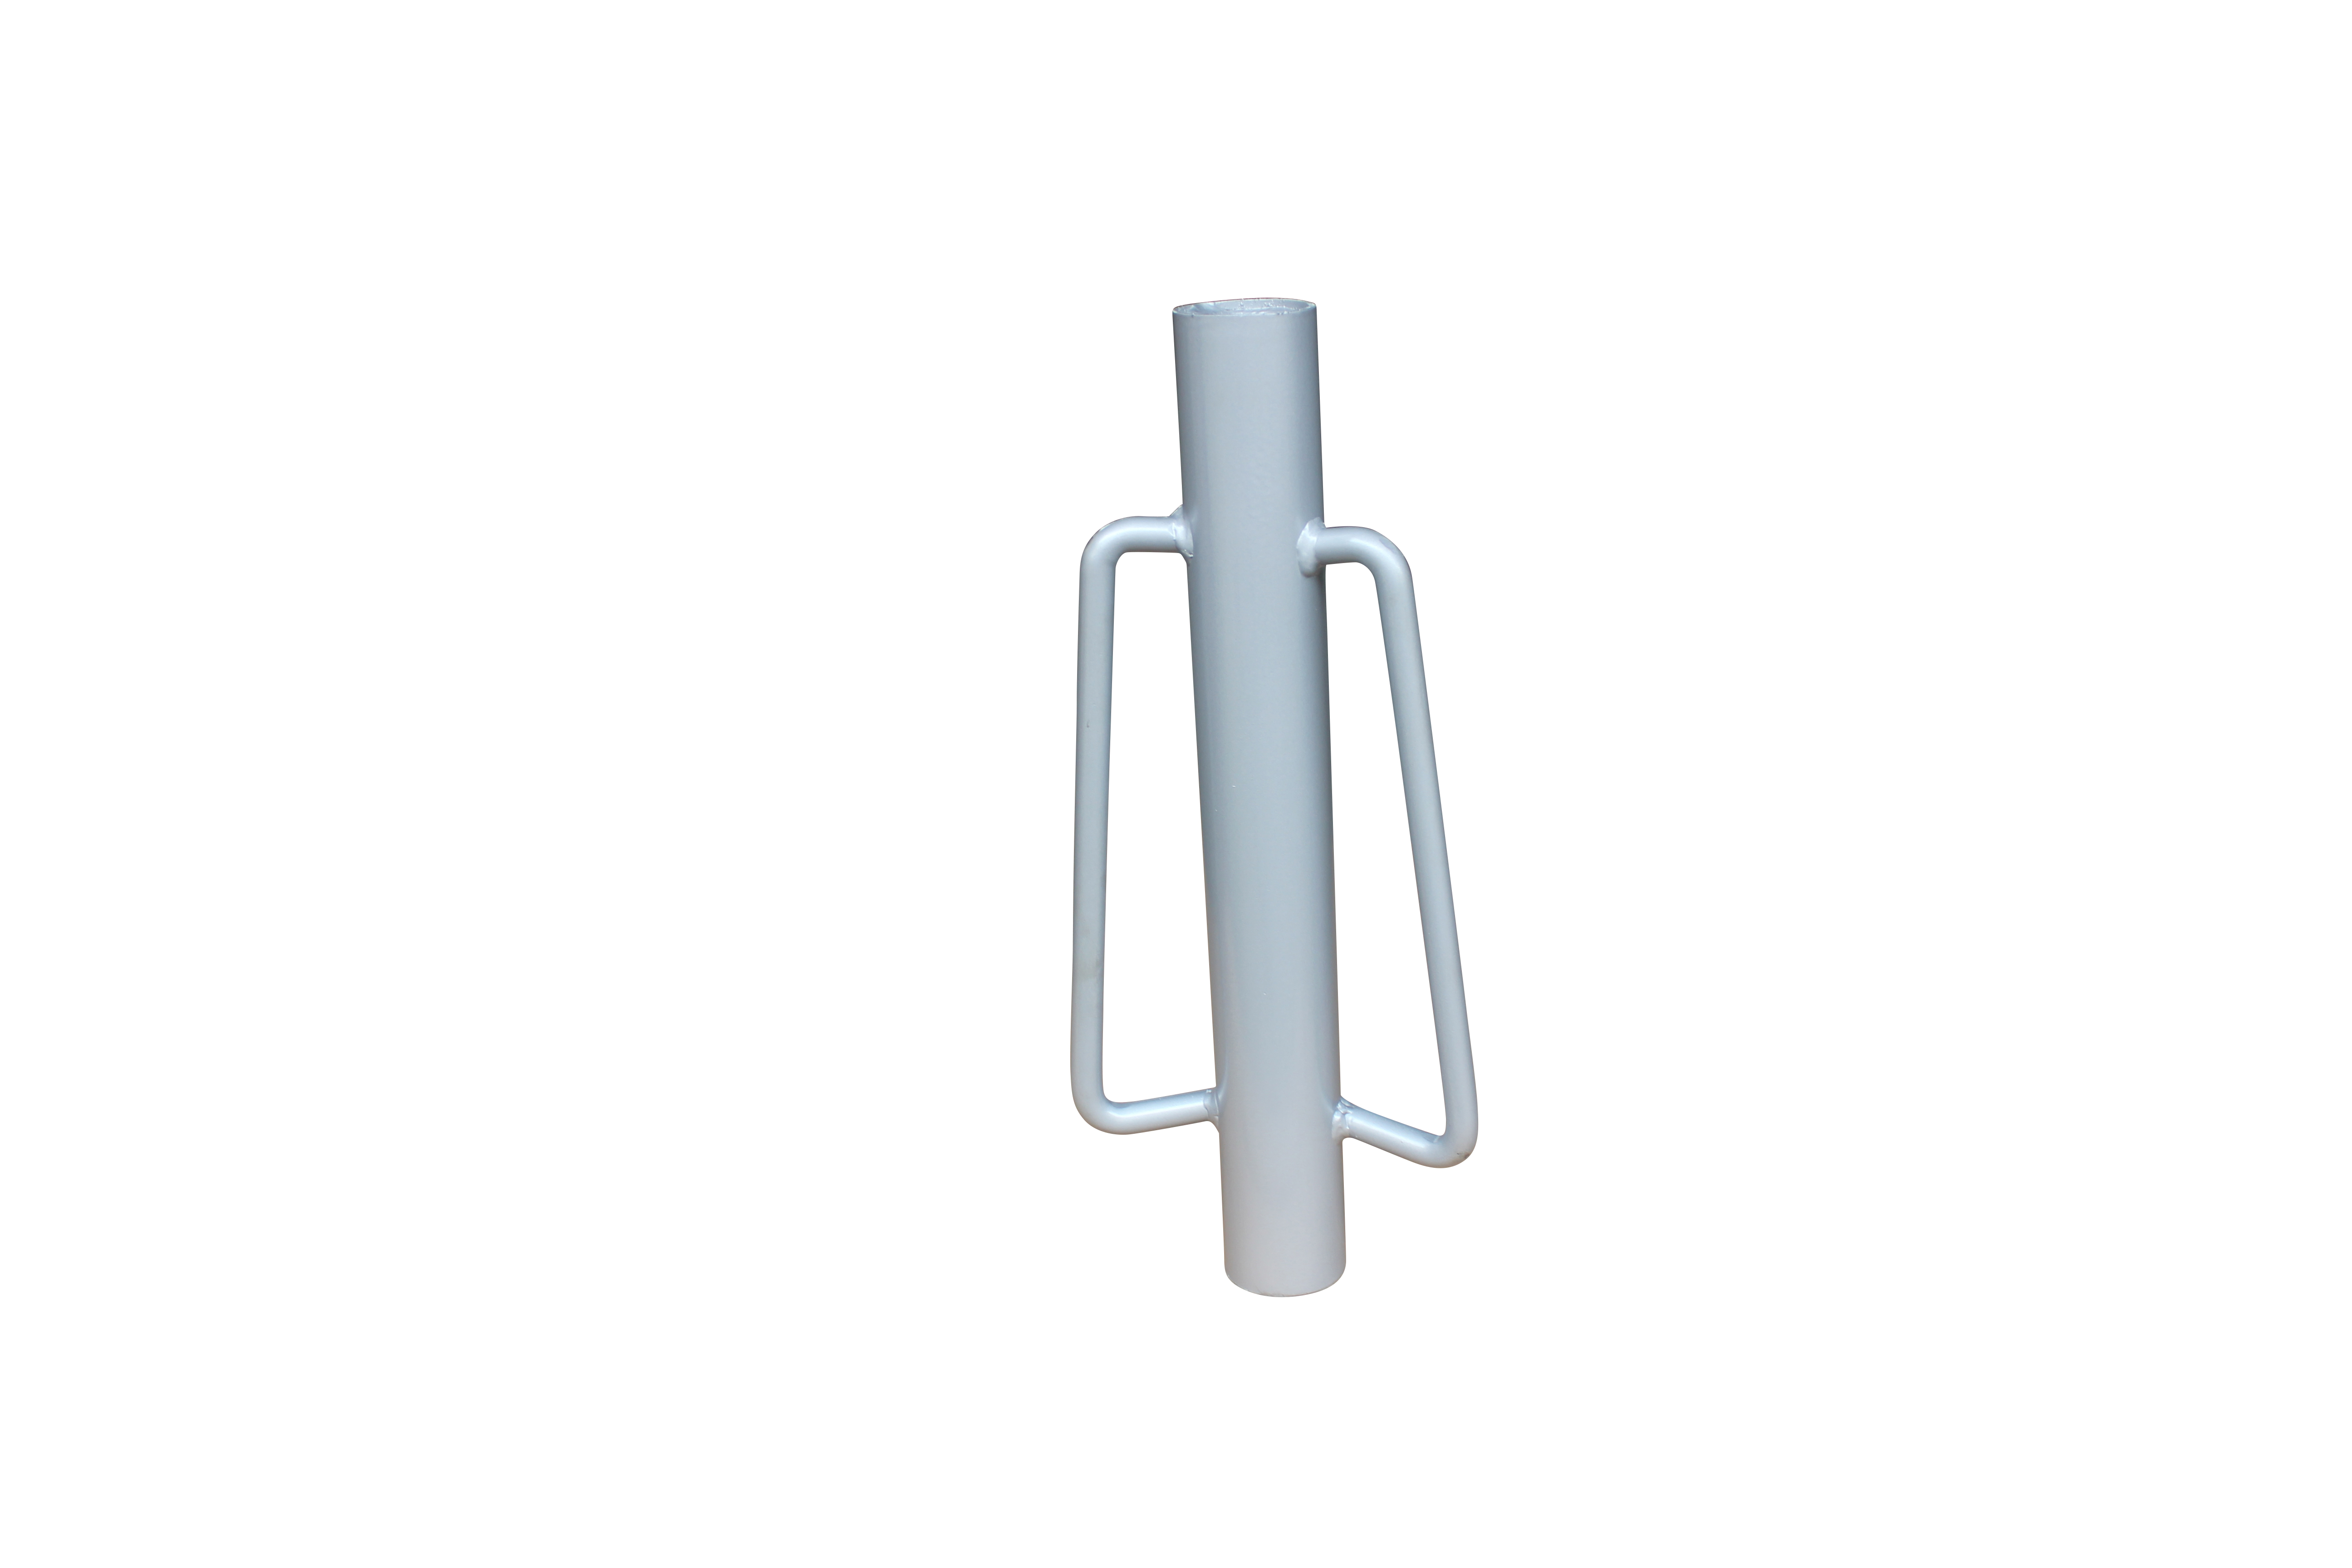 YTL-017-831 (02)